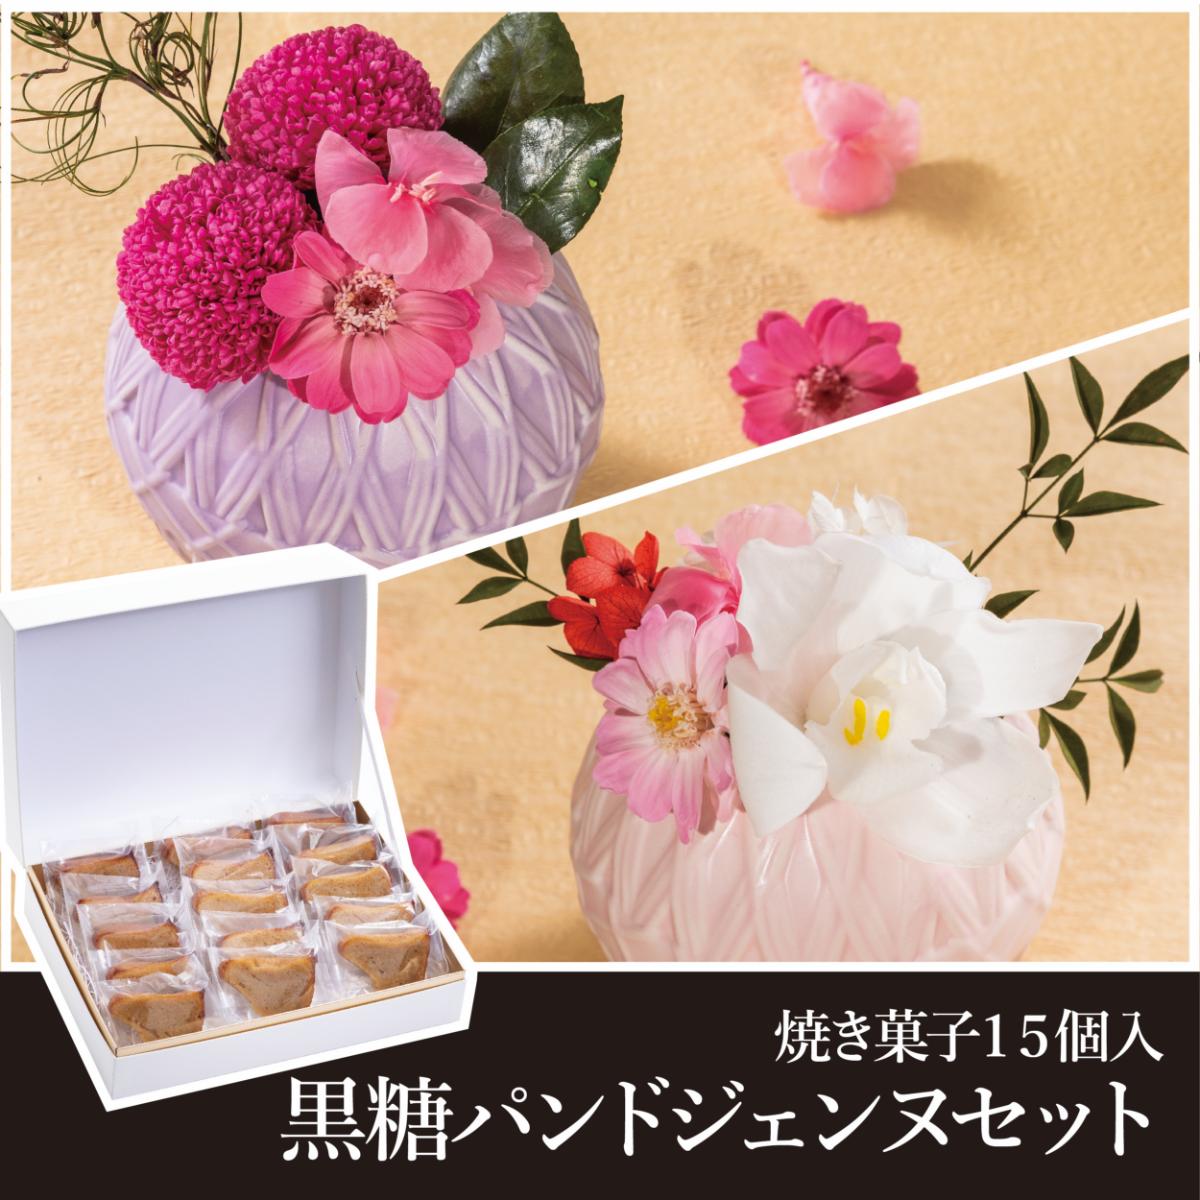 【敬老の日限定販売】プリてまり+黒糖パンドジェンヌプティ15個入